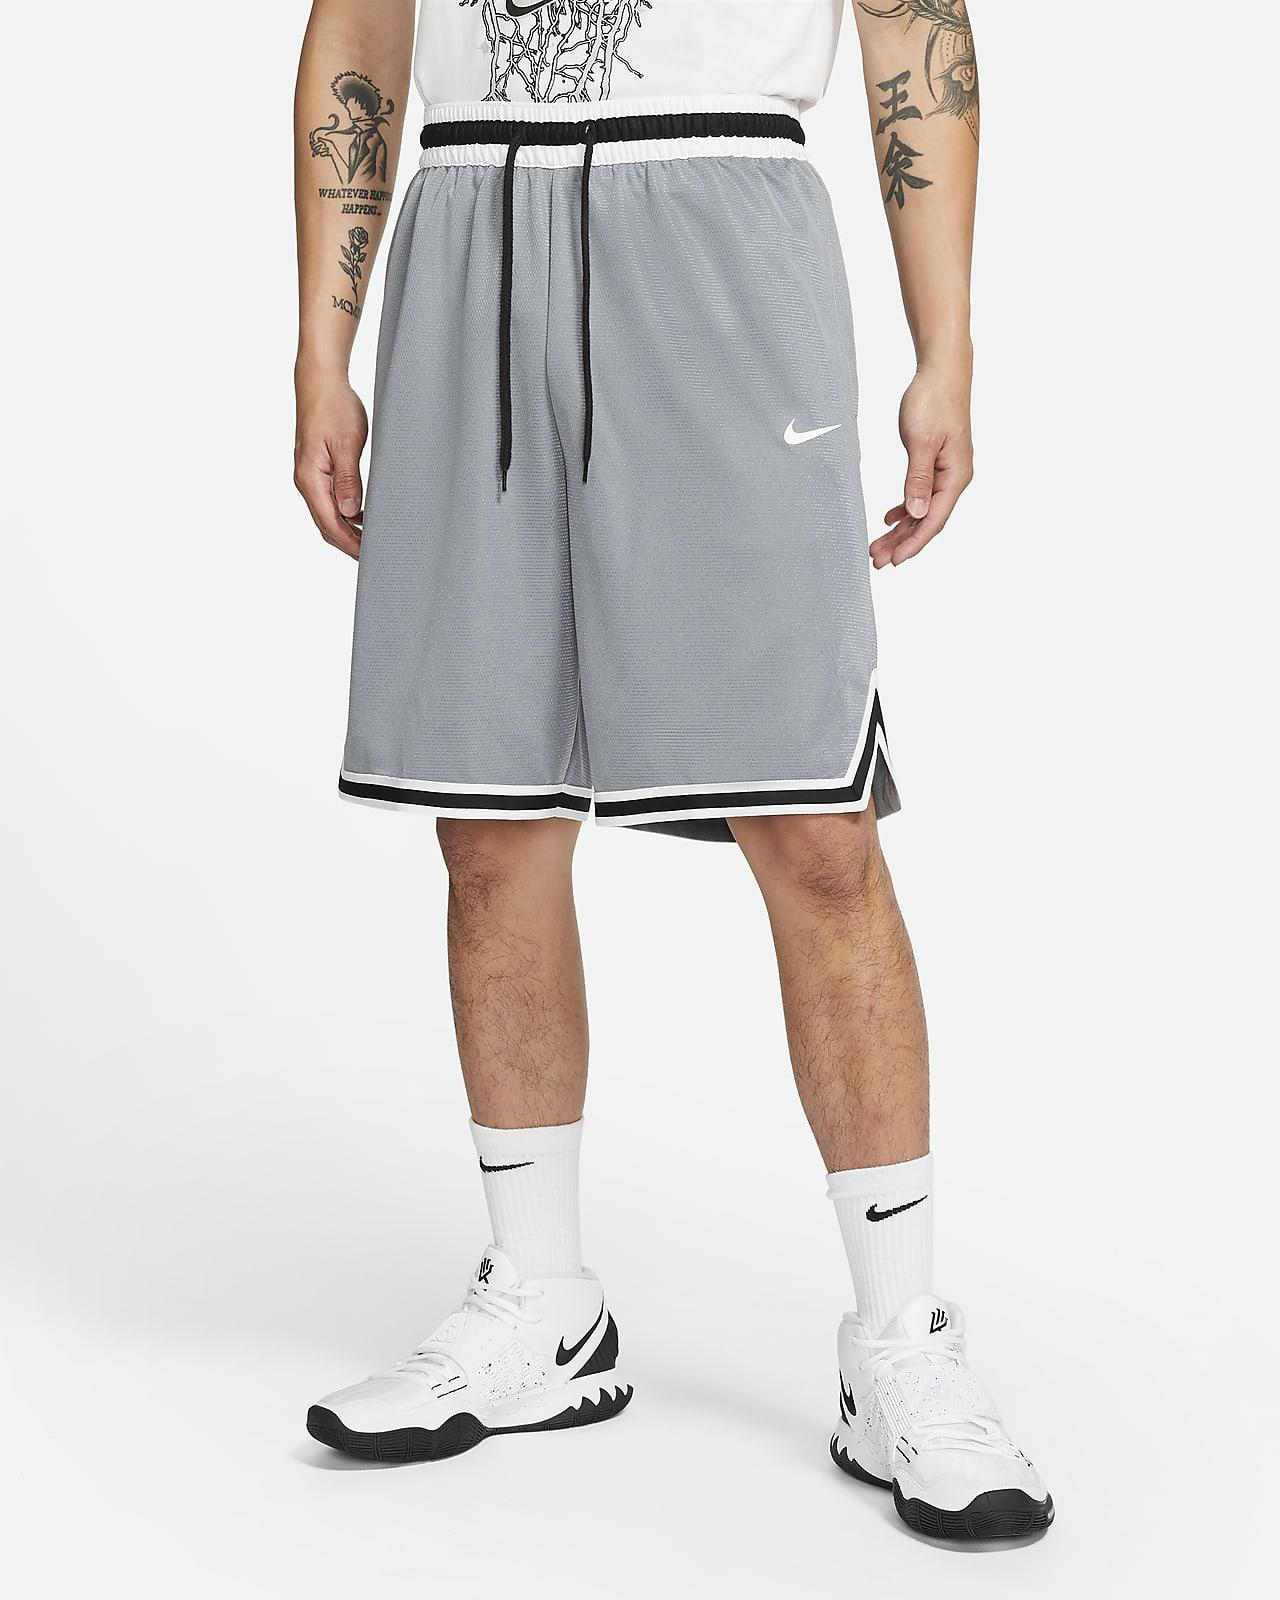 Shorts de básquetbol para hombre Nike Dri-FIT DNA